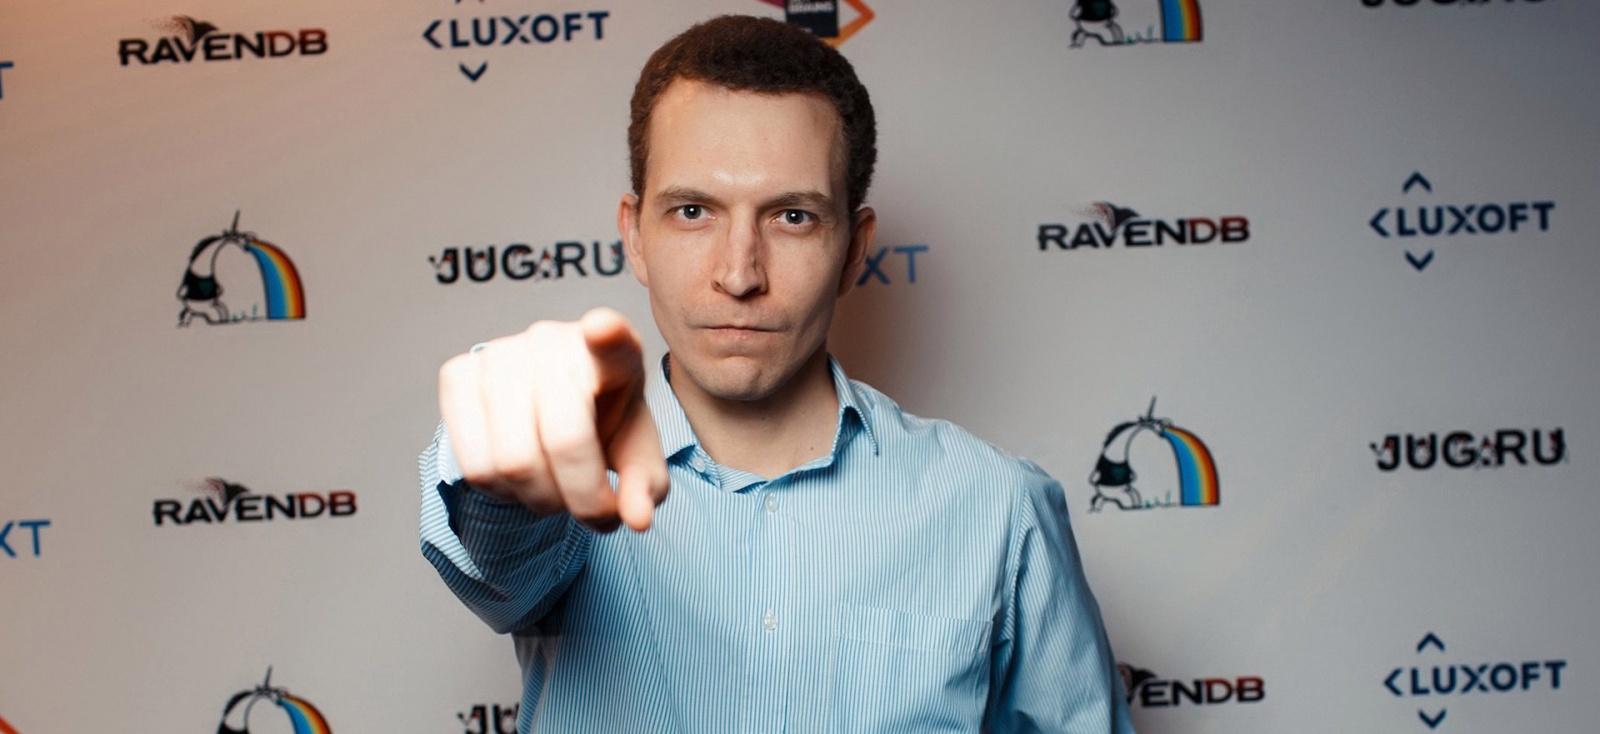 Анонс DotNext 2017 Moscow: двойная порция .NET - 4